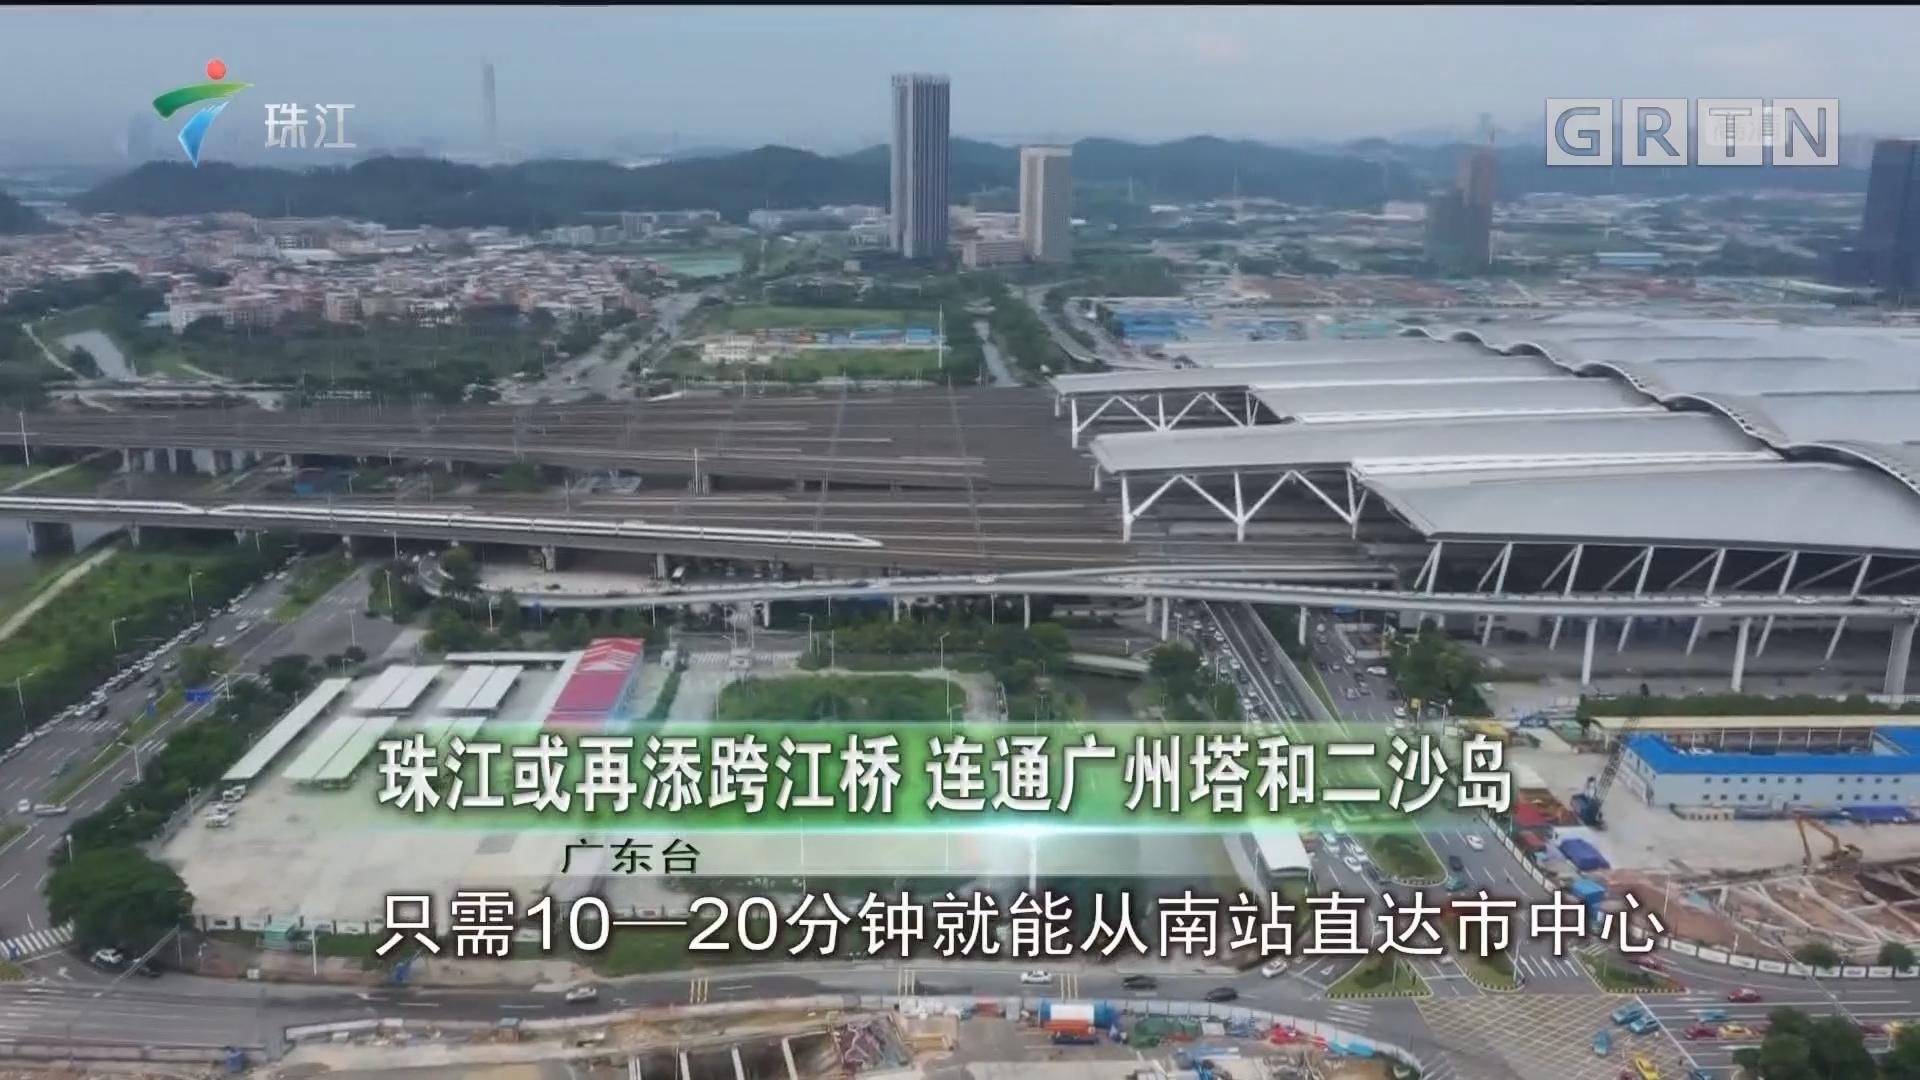 珠江或再添跨江桥 连通广州塔和二沙岛